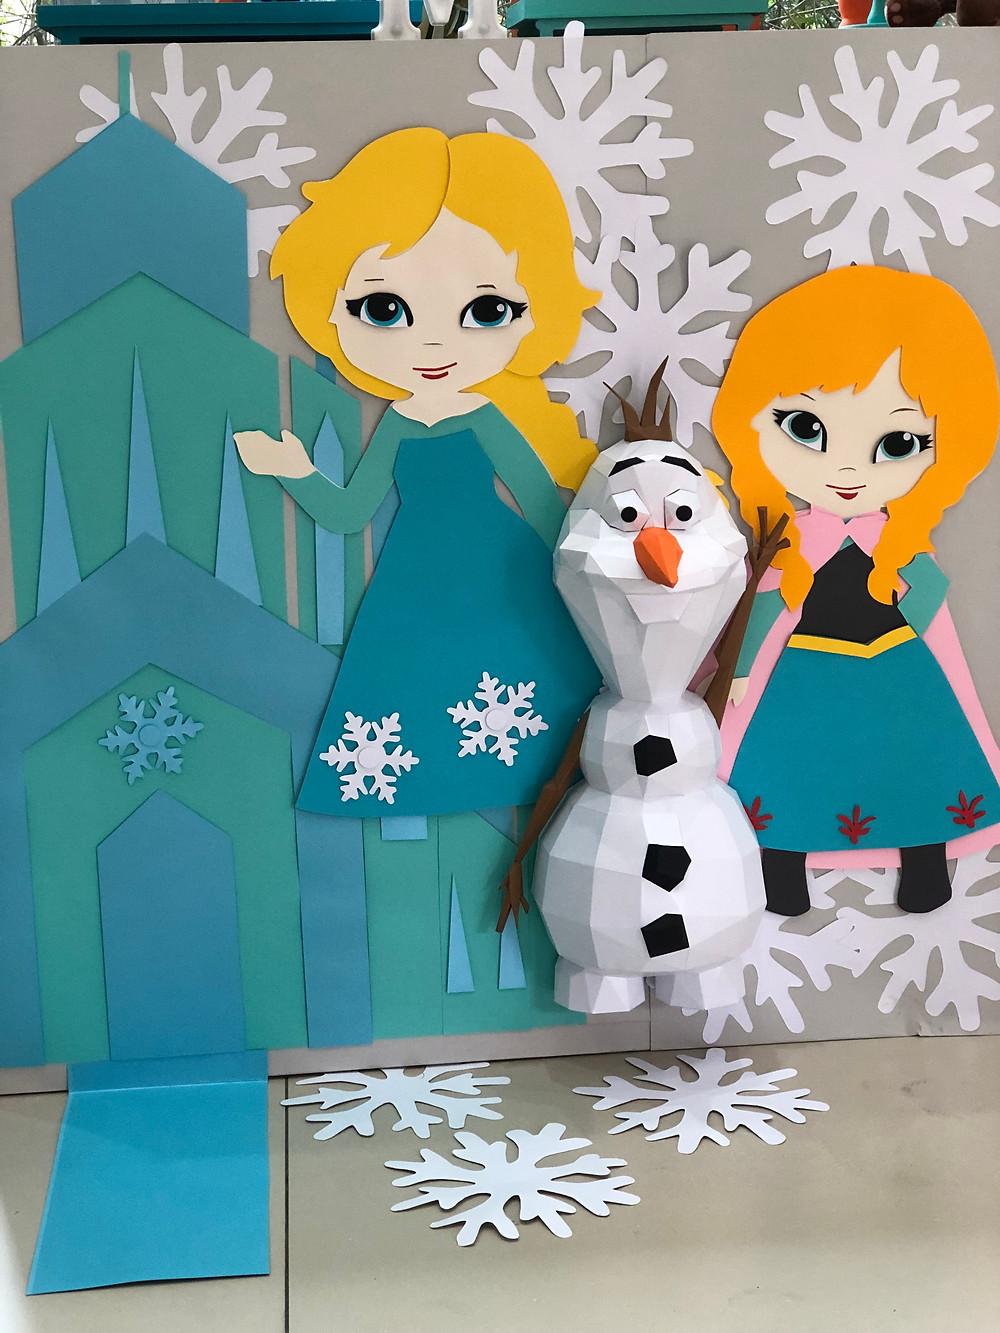 Frozen: os personagens: Elsa, Ana e Olaf, esse em papelaria 3D. Elemento: o castelo.